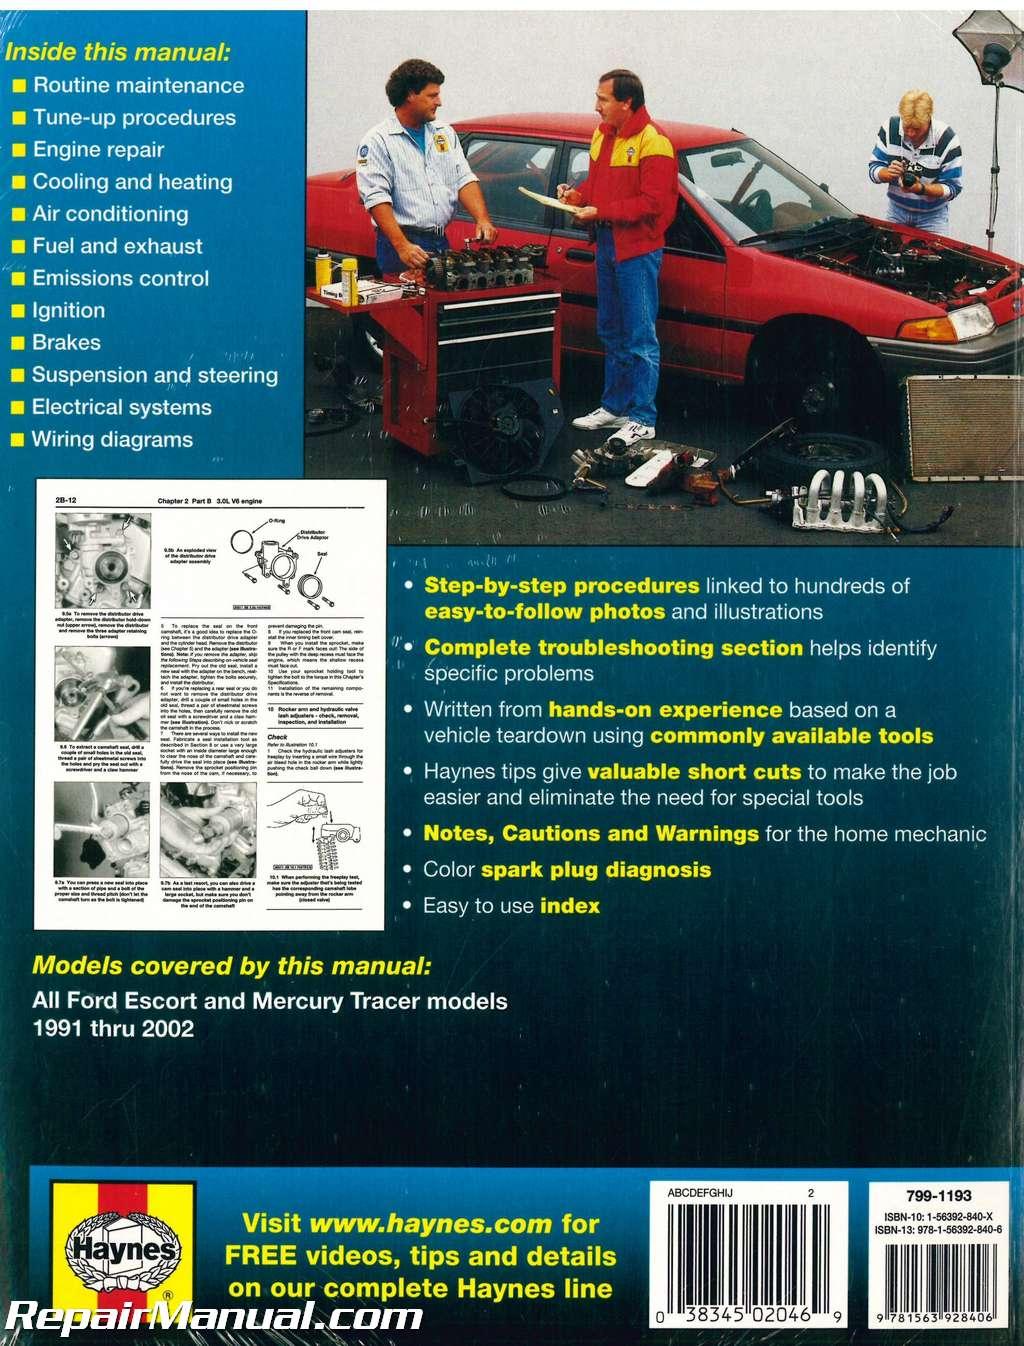 Ford escort repair manual 1991 array 1991 2002 ford escort and mercury tracer automobile repair manual by rh repairmanual com fandeluxe Images